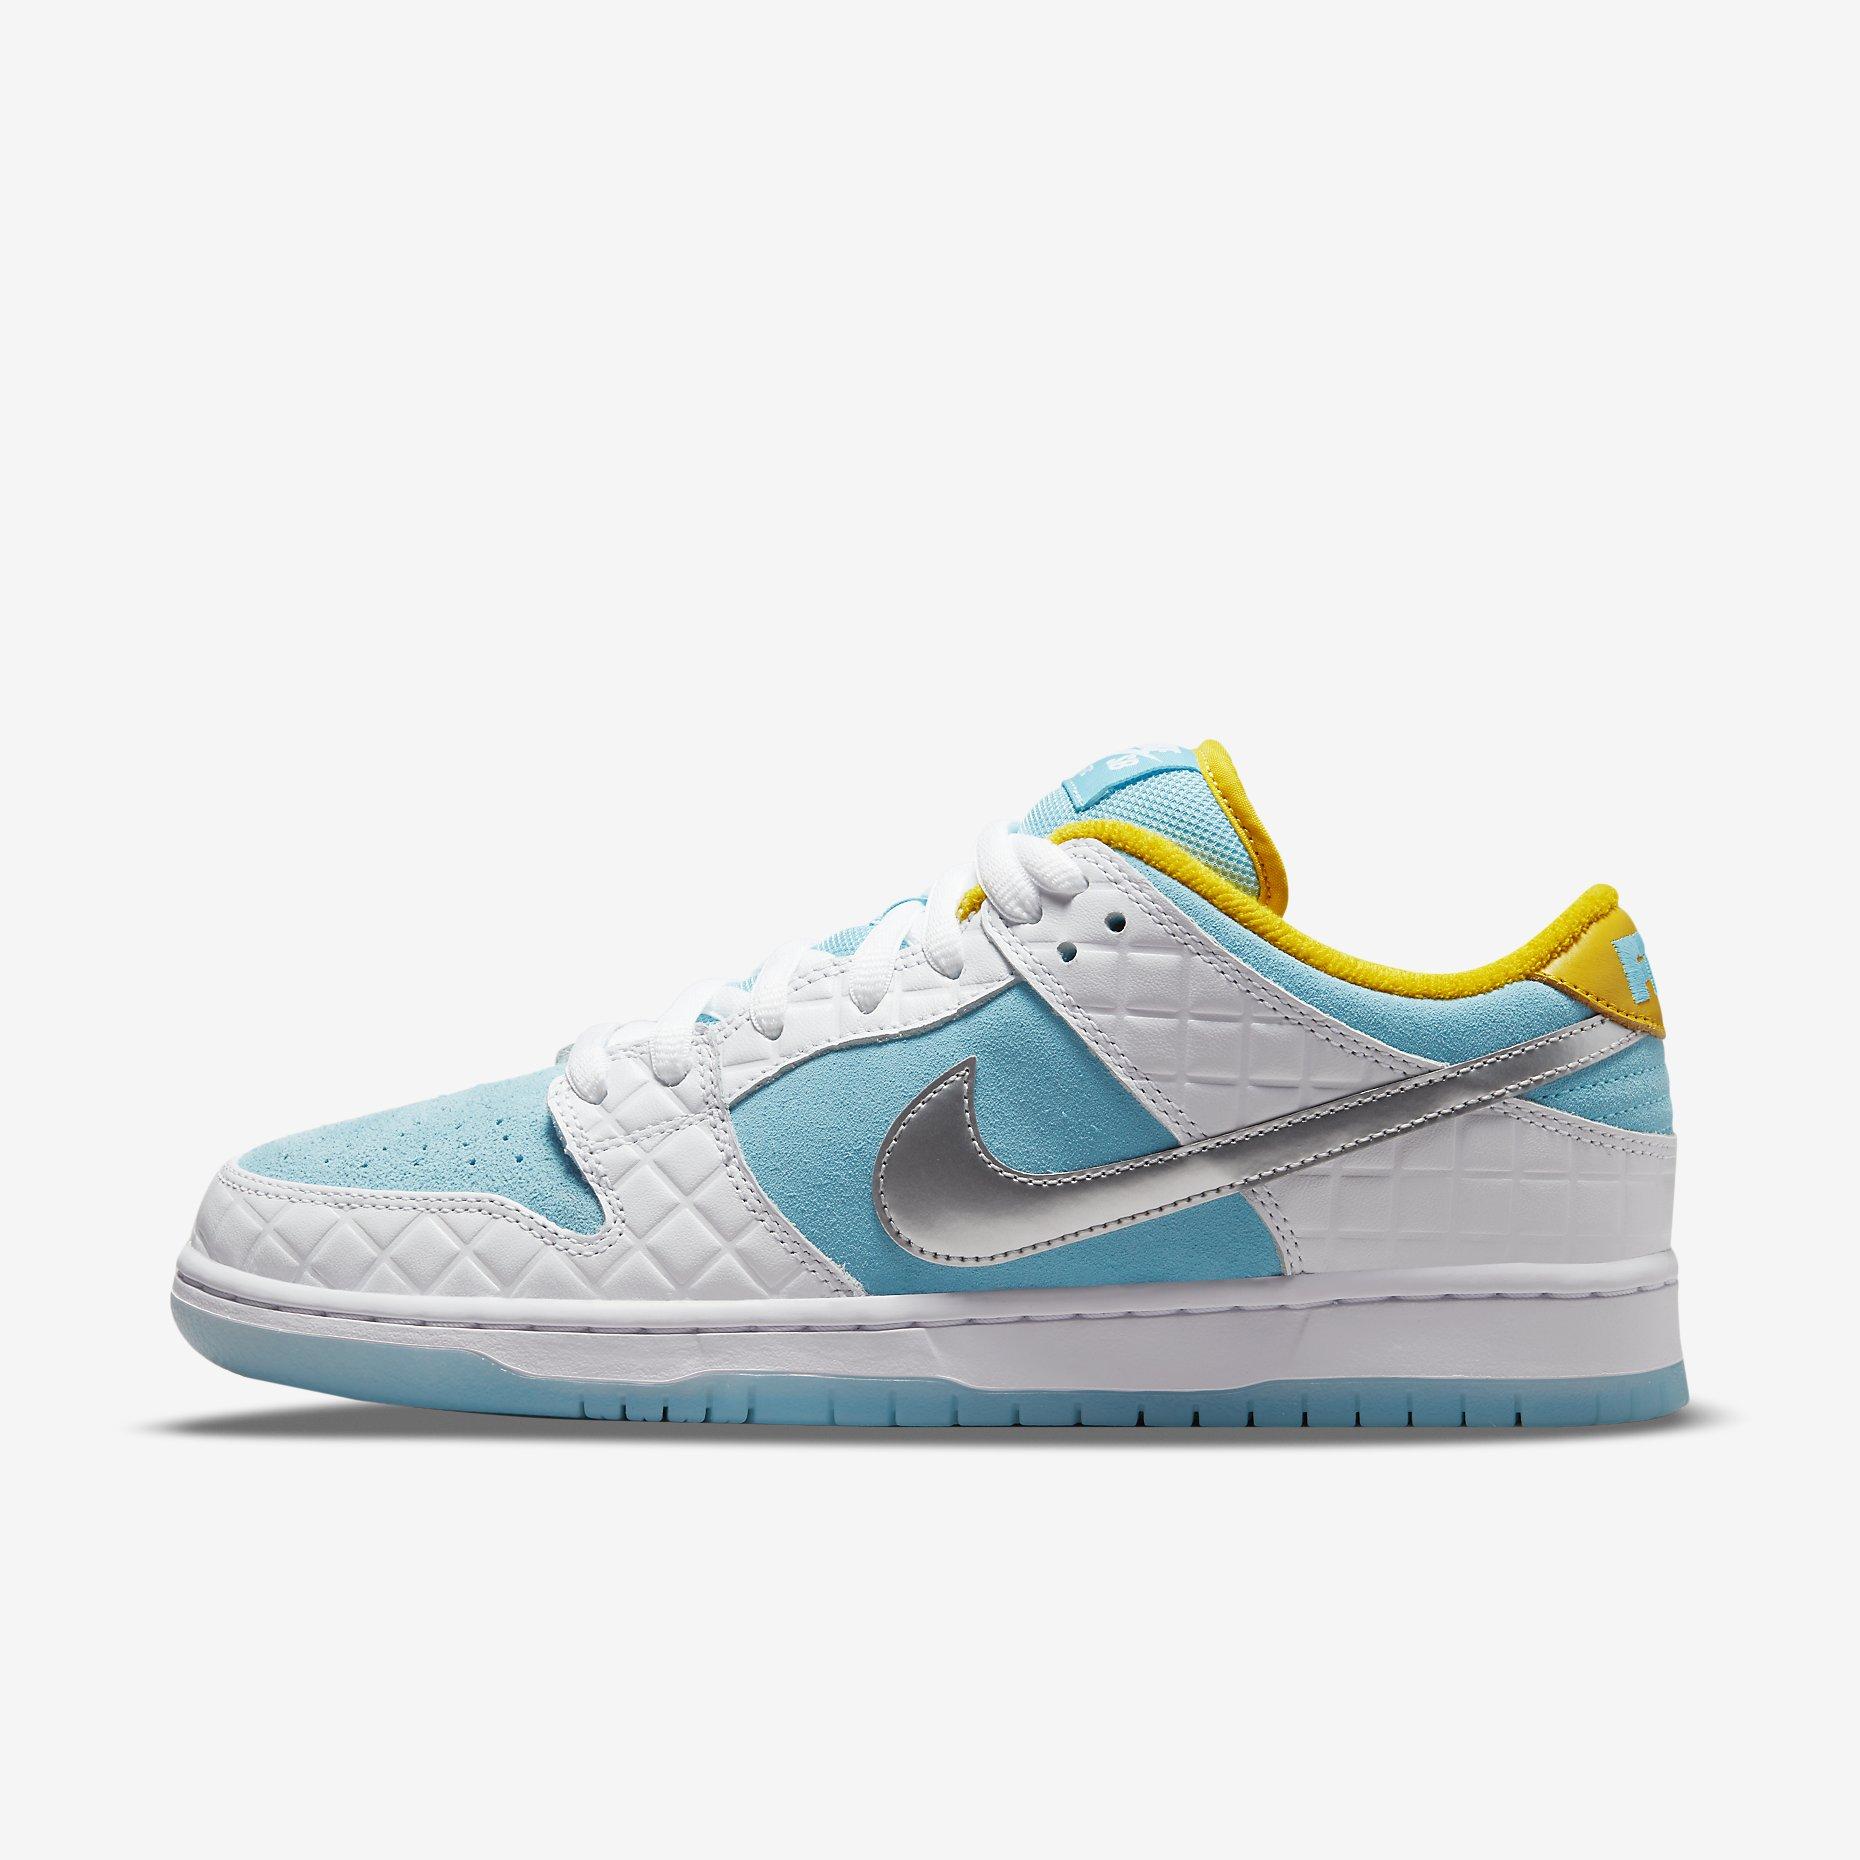 FTC x Nike SB Dunk Low 'Lagoon Pulse'